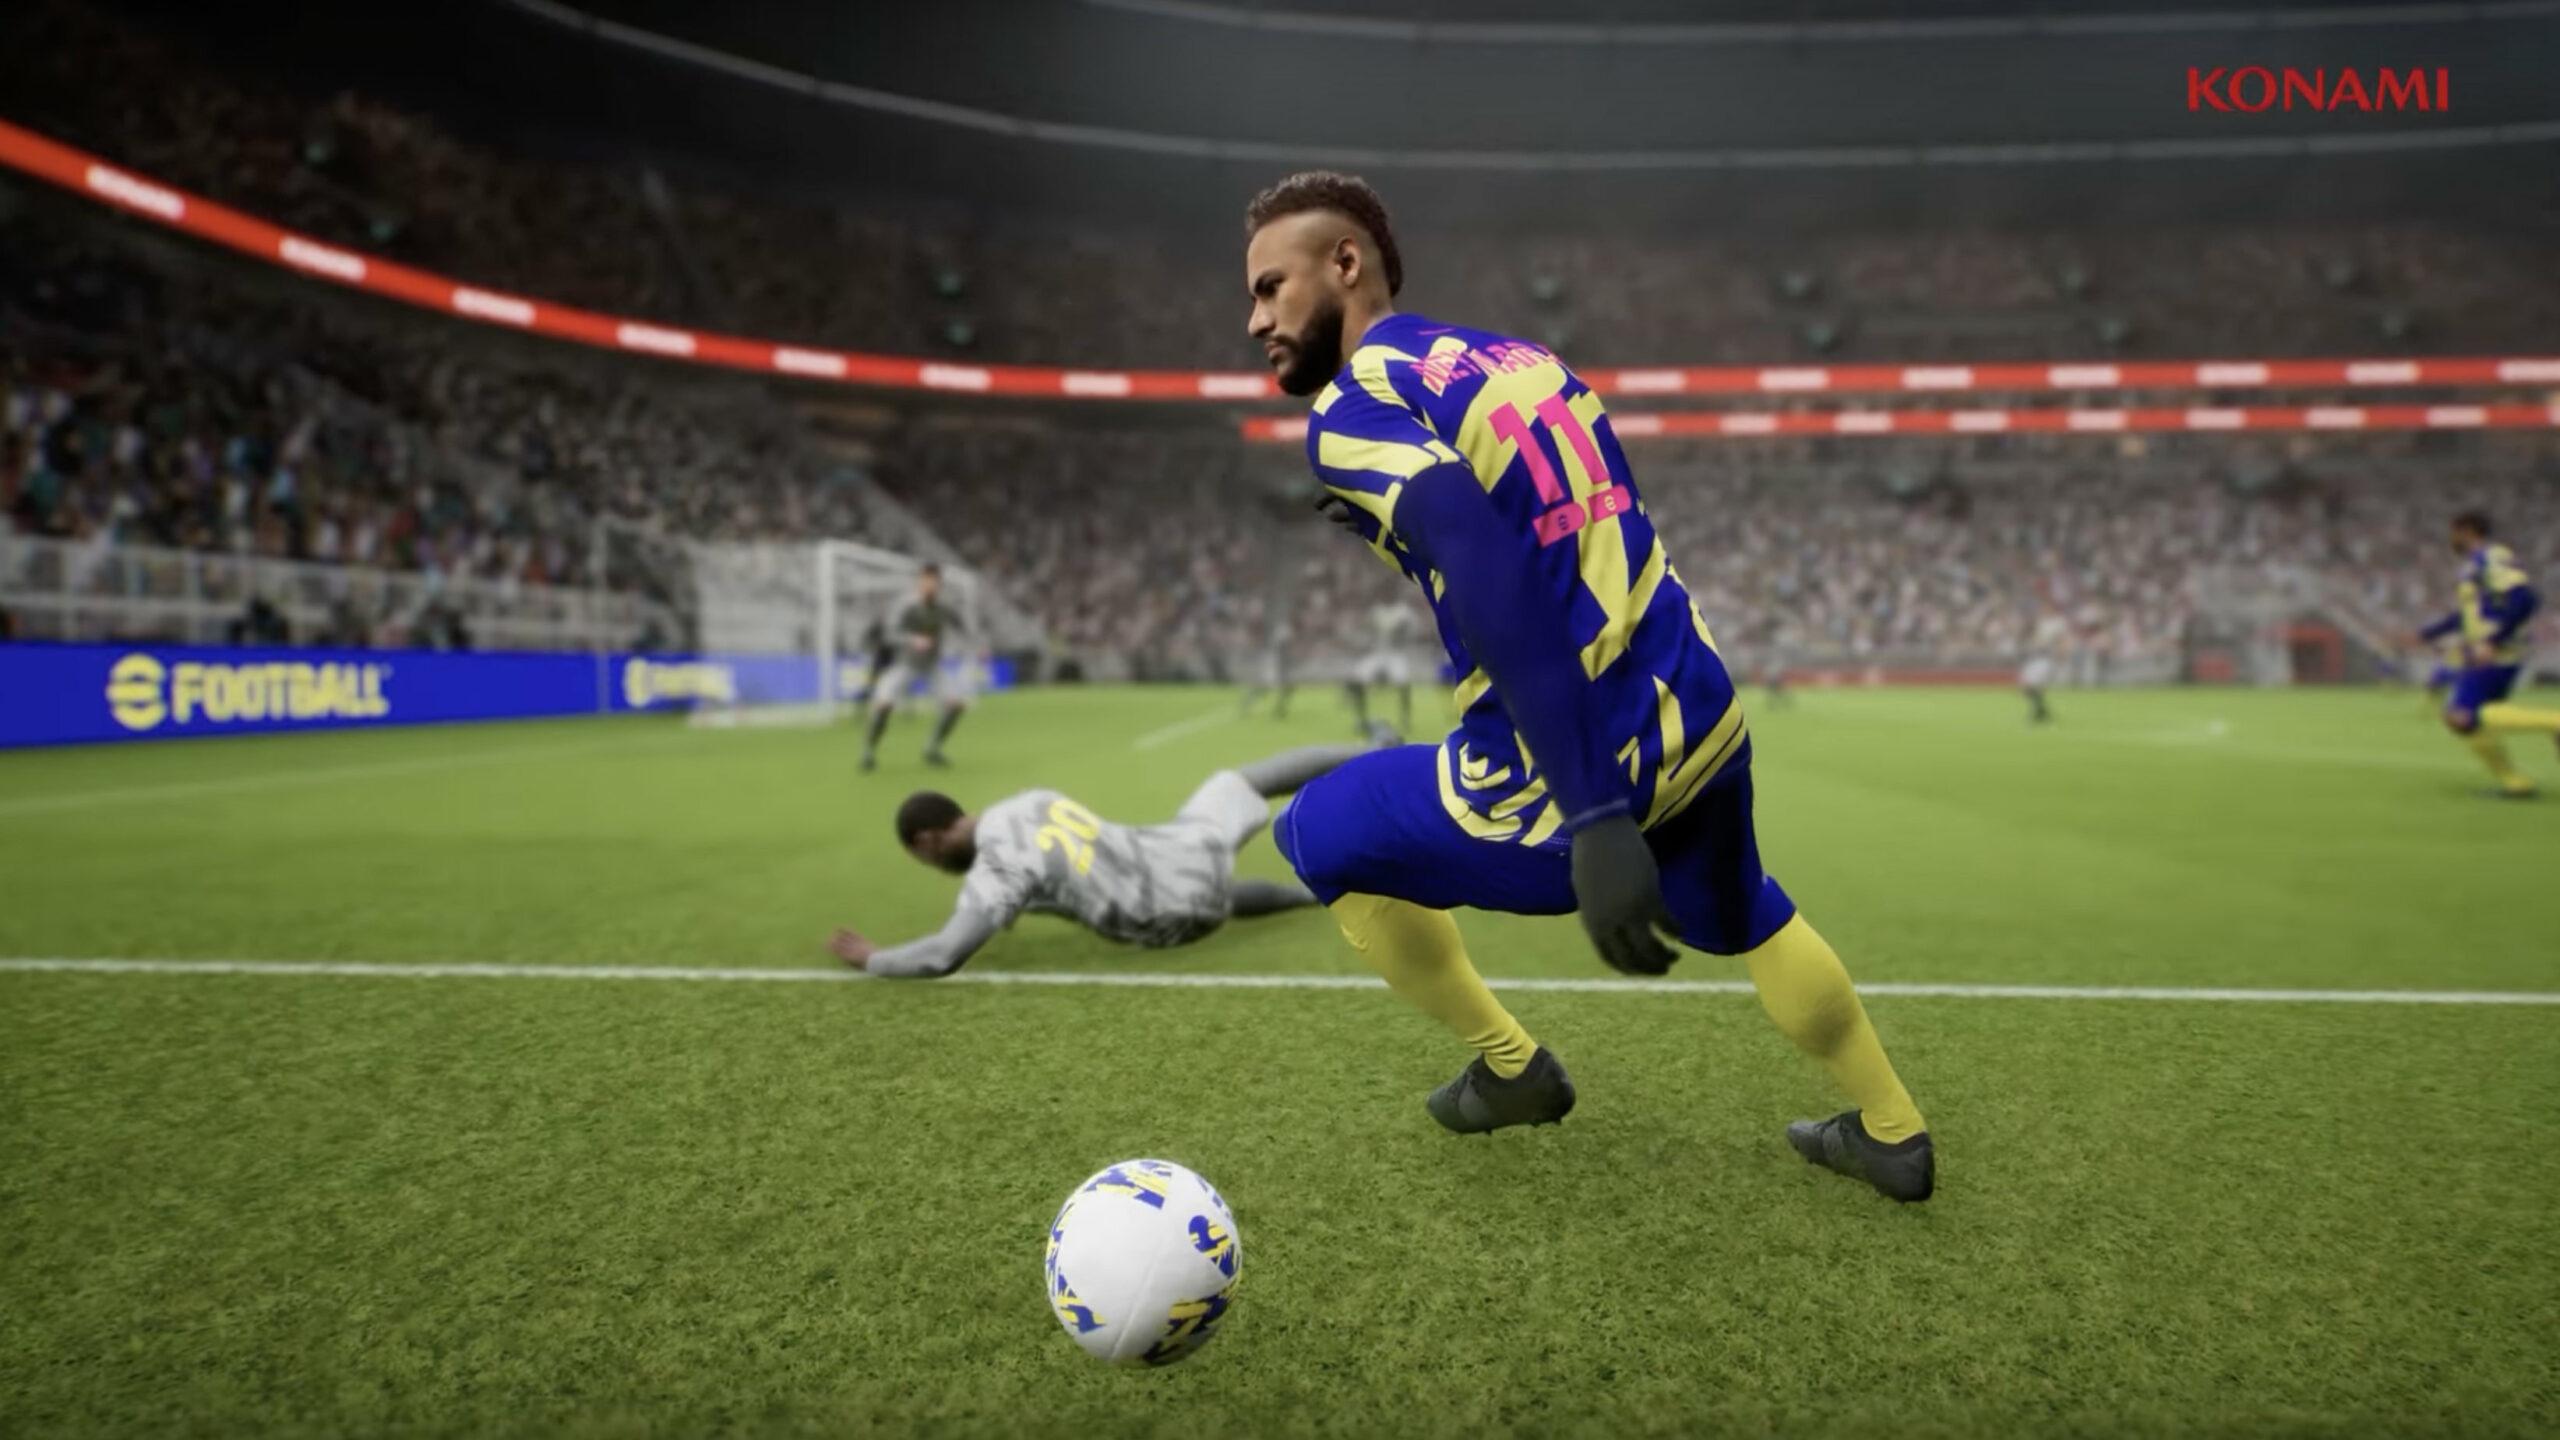 PES devient eFootball : 3 questions pour comprendre la mutation du célèbre jeu de foot